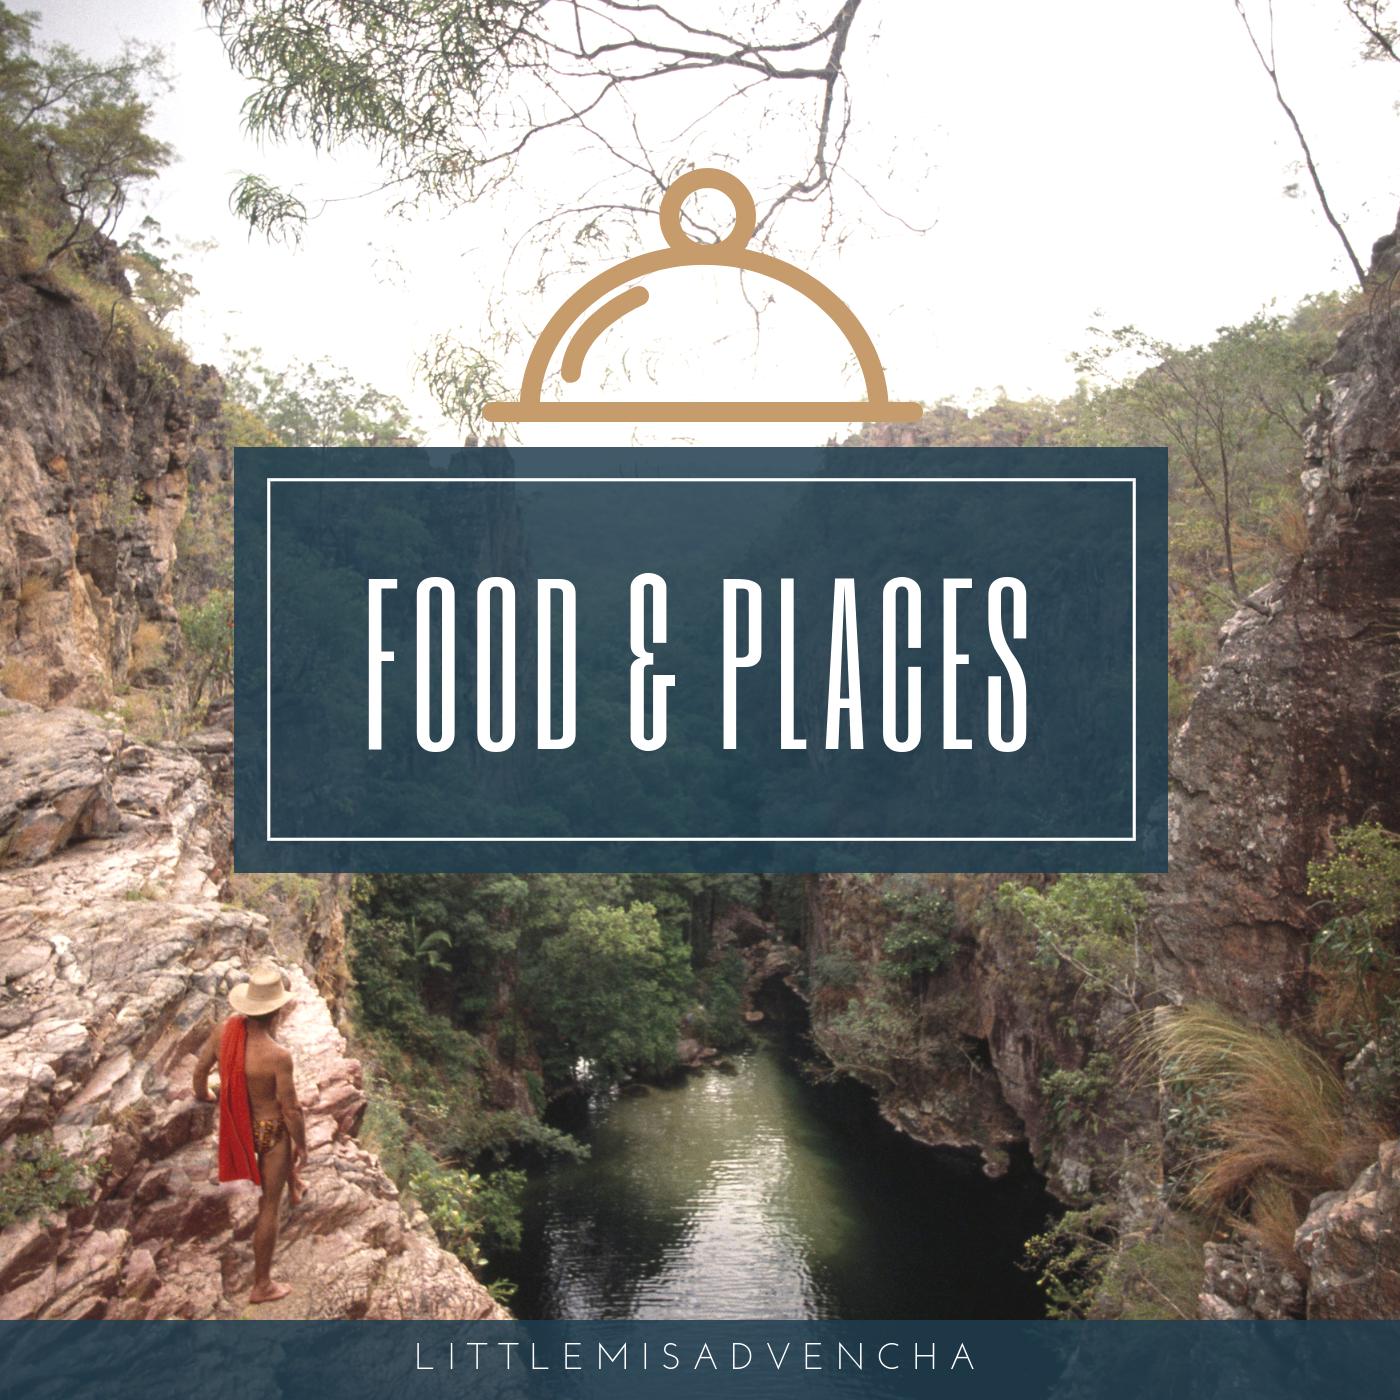 Food and Travel littlemisadvencha